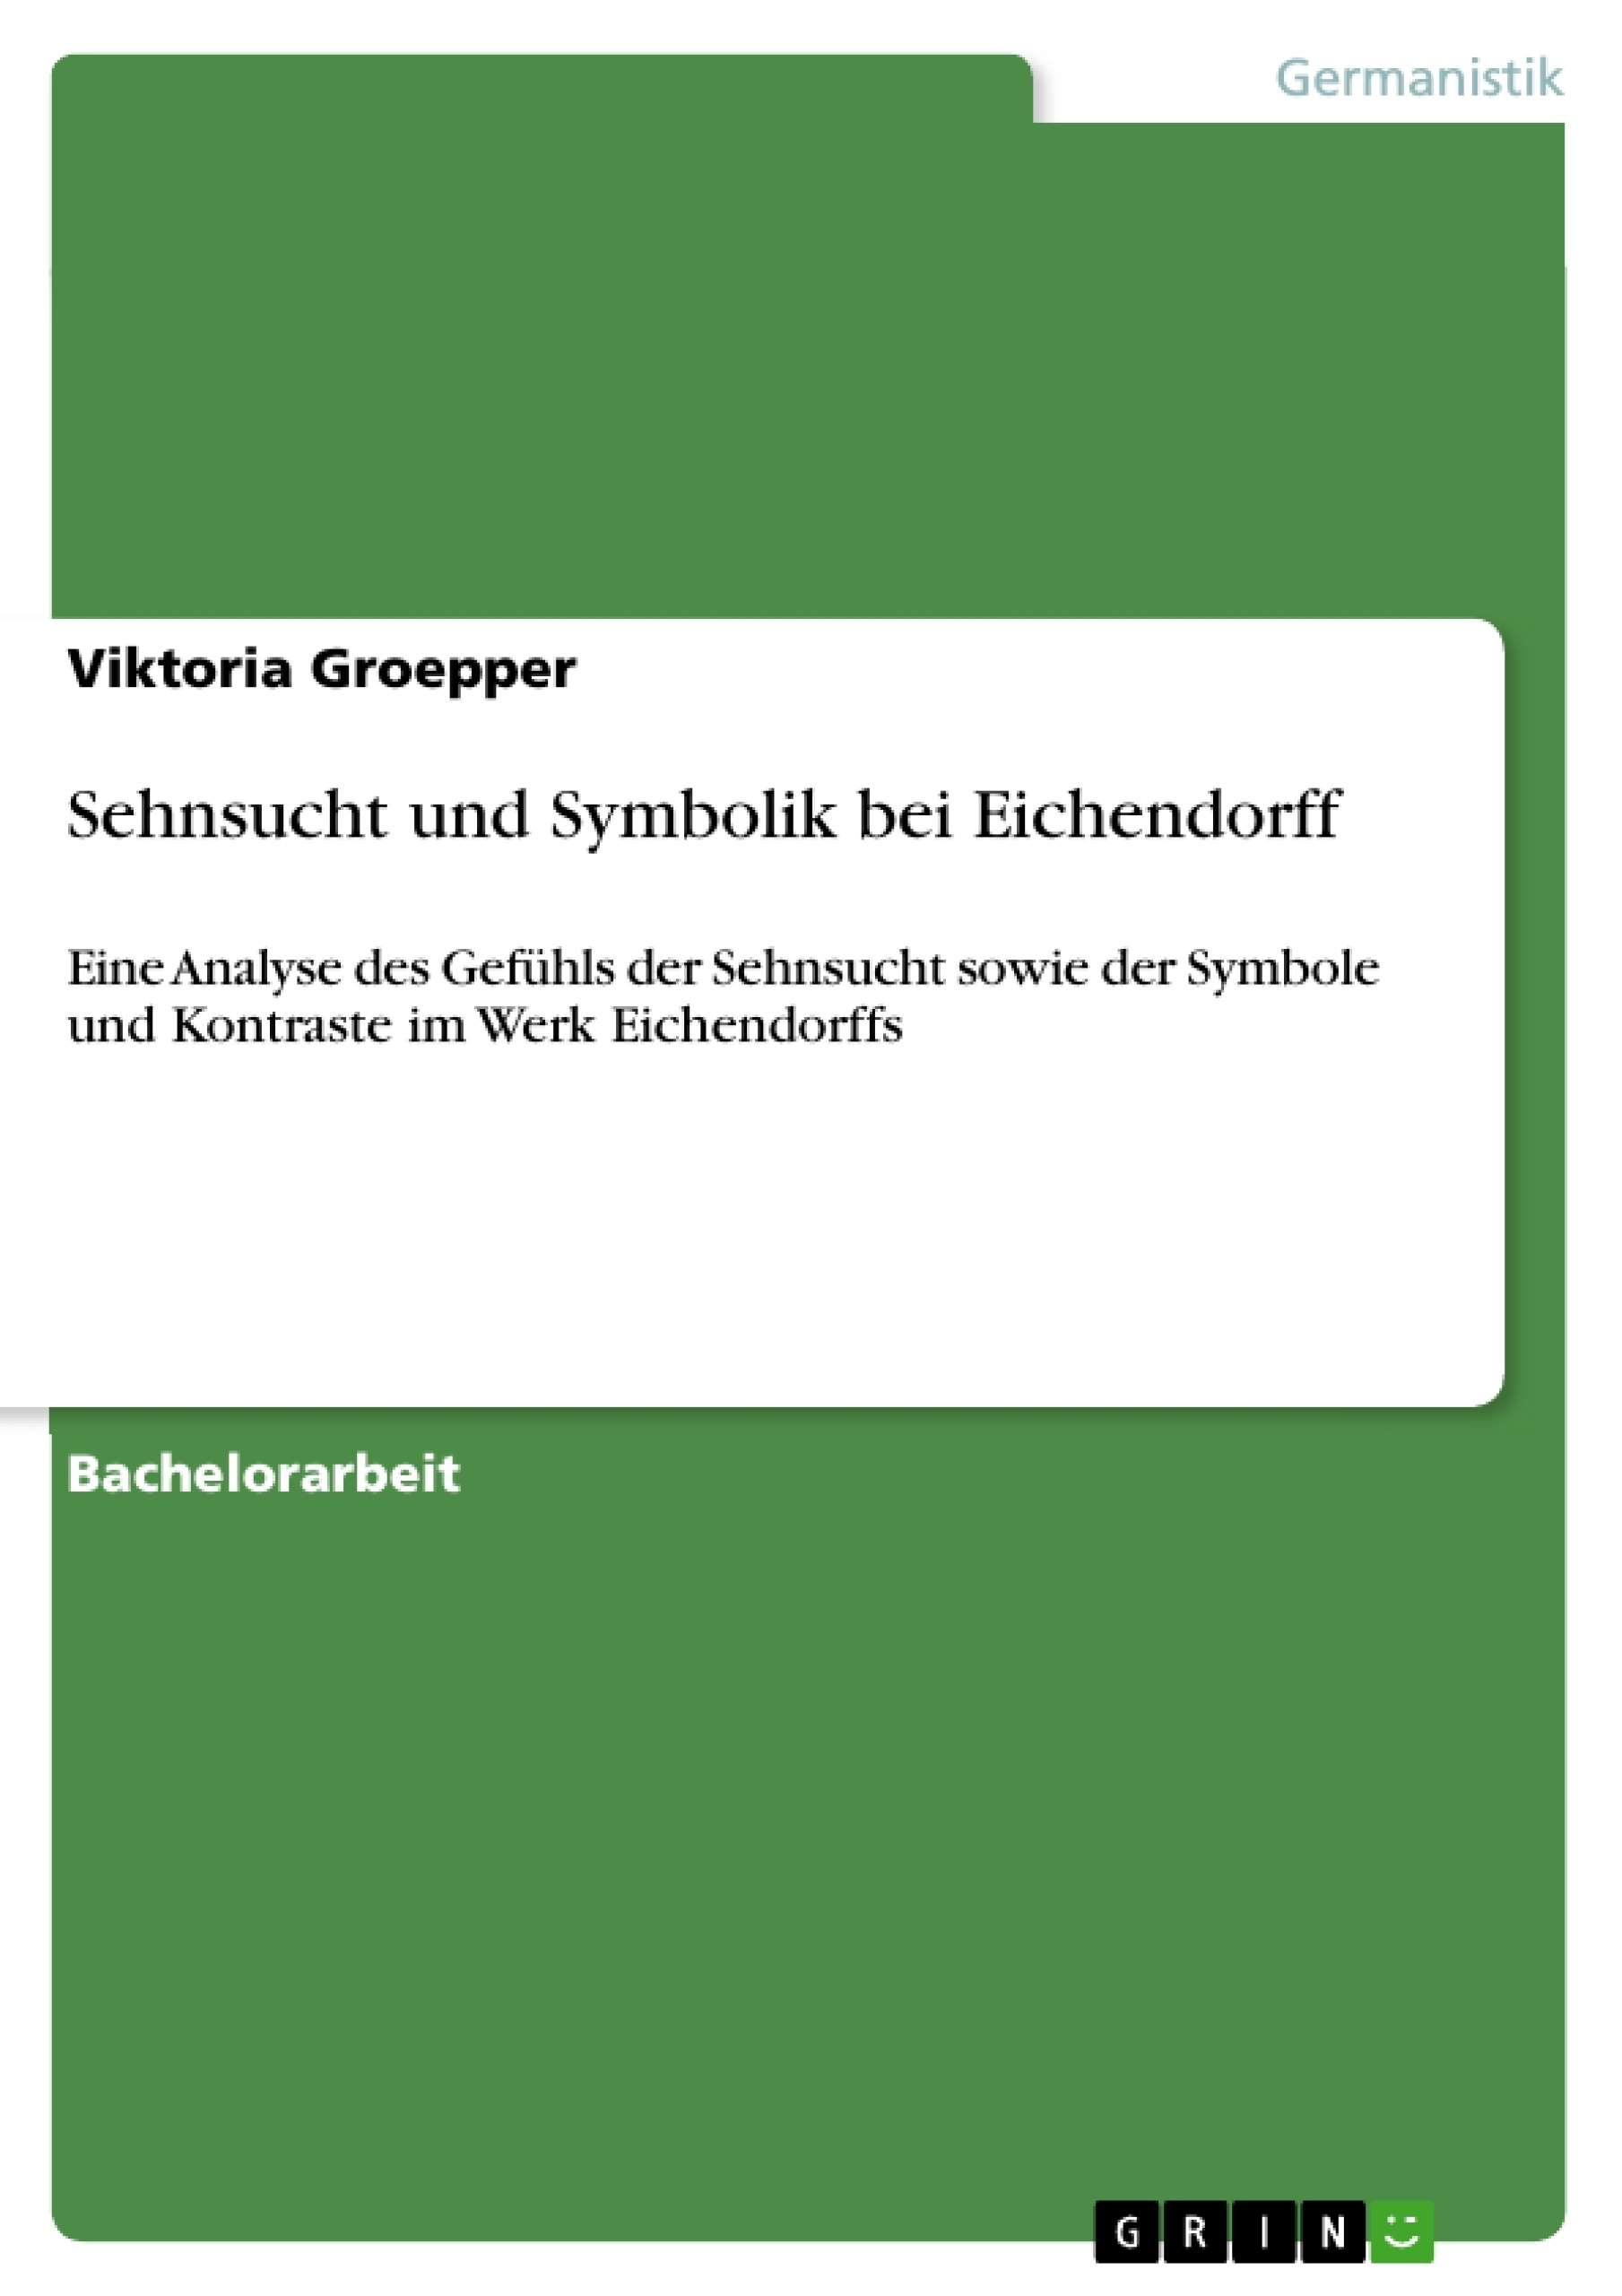 Titel: Sehnsucht und Symbolik bei Eichendorff